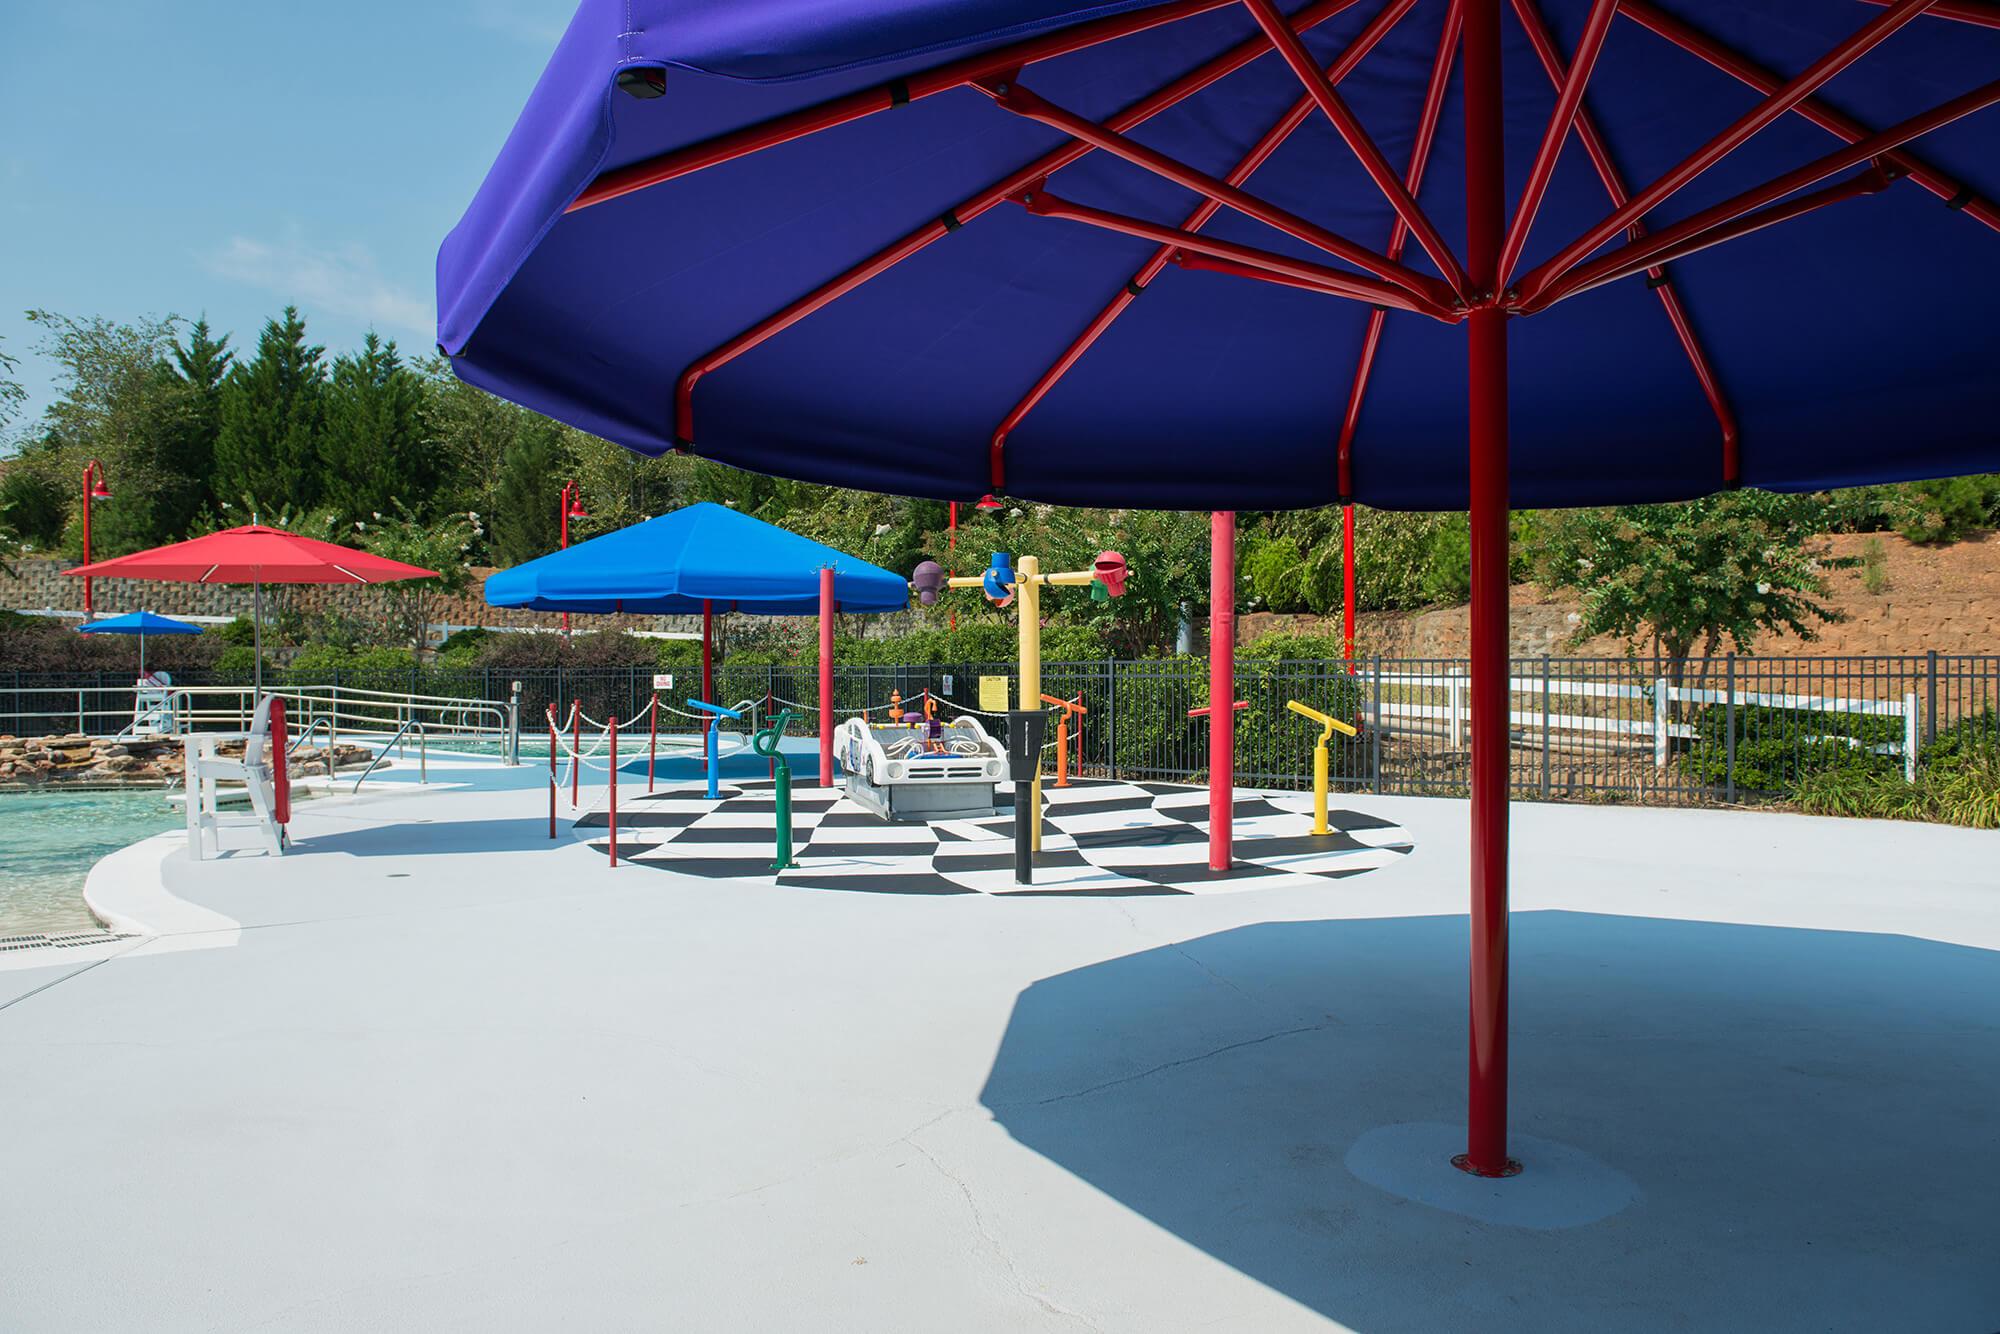 儿童水上乐园的混色伞